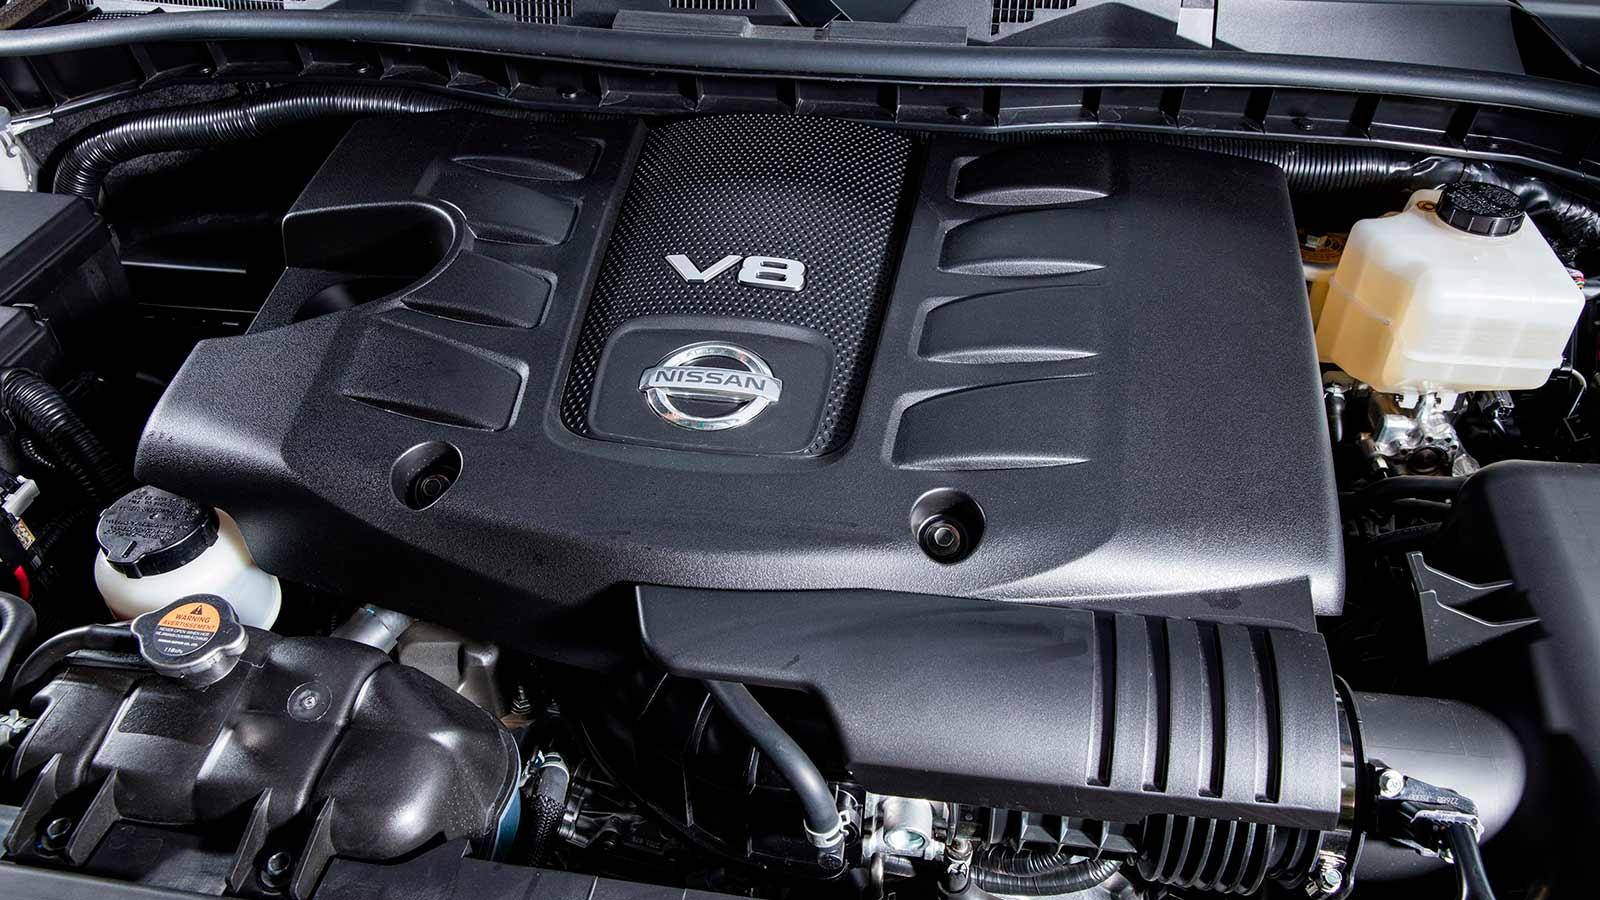 ремонт Nissan в автосервисе MS-48